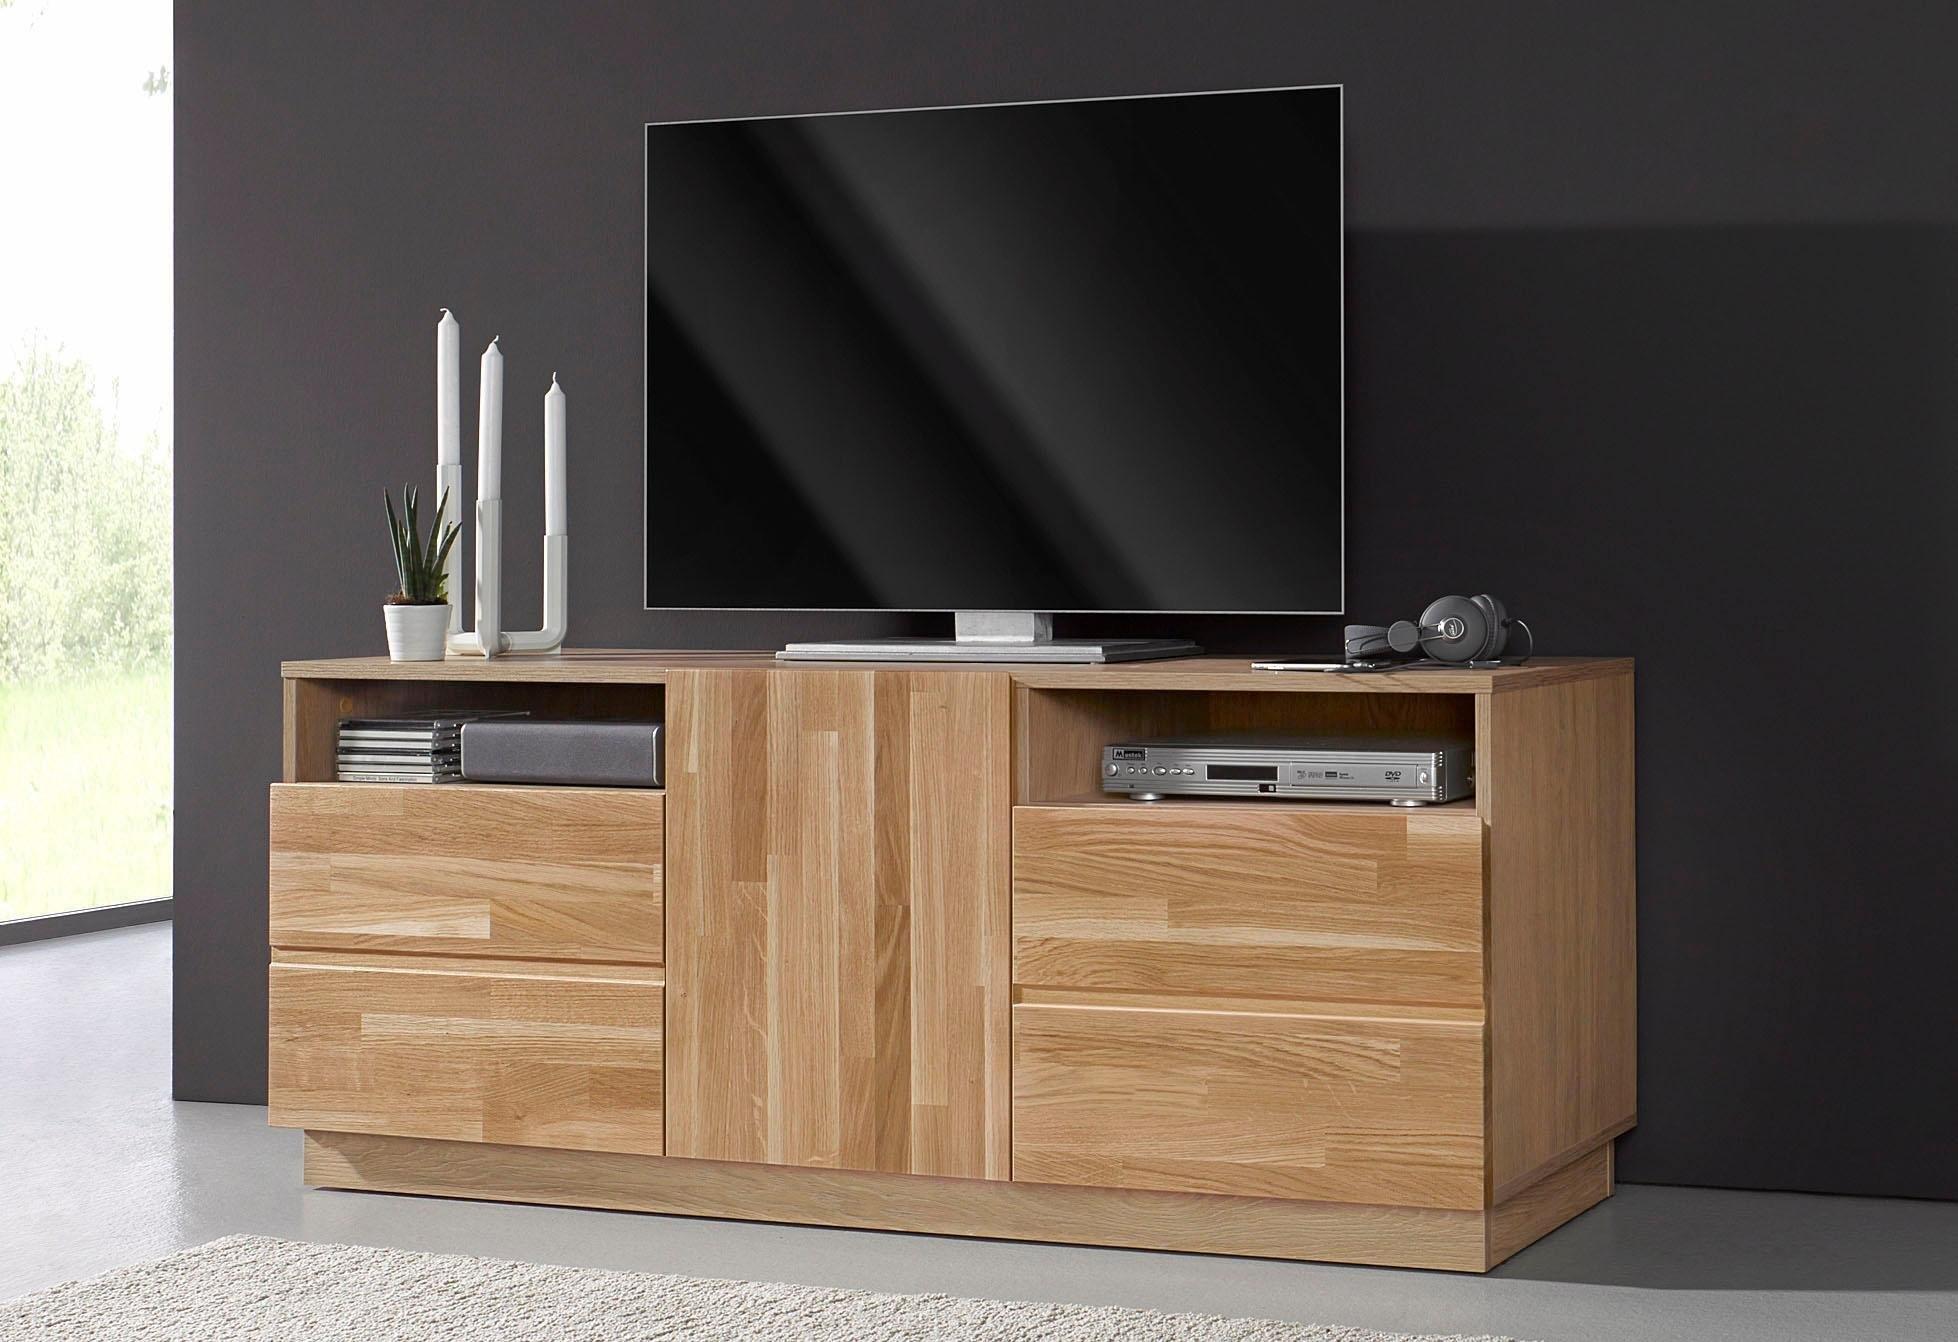 Premium collection by Home affaire tv-meubel Breedte 140 cm bestellen: 30 dagen bedenktijd